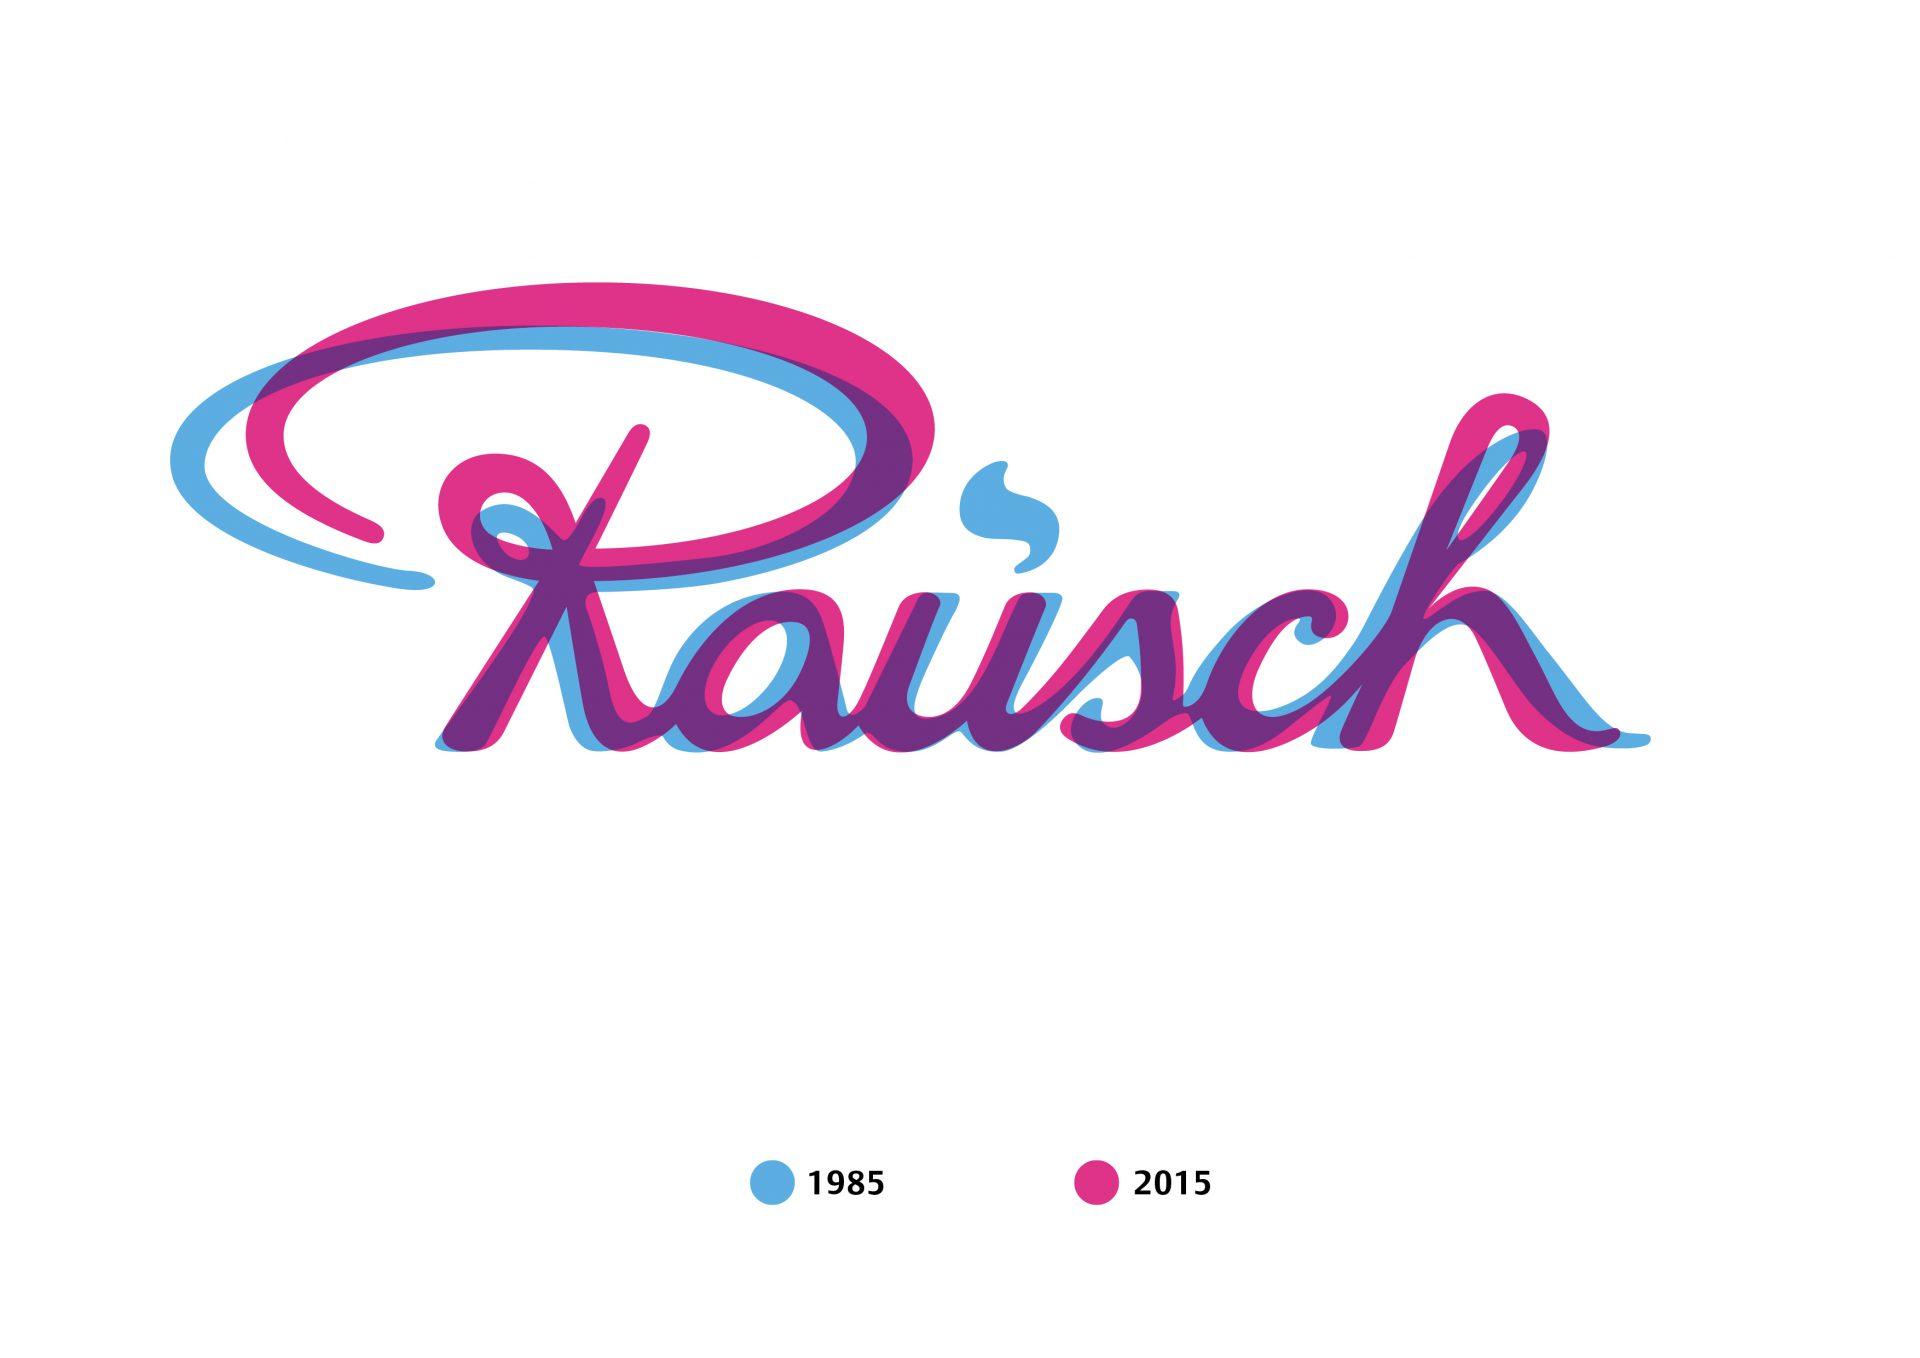 Fassbender & Rausch, traditionsreiches Berliner Familienunternehmen, positioniert sich mit neuer Markenstrategie und neuem Brand Design.